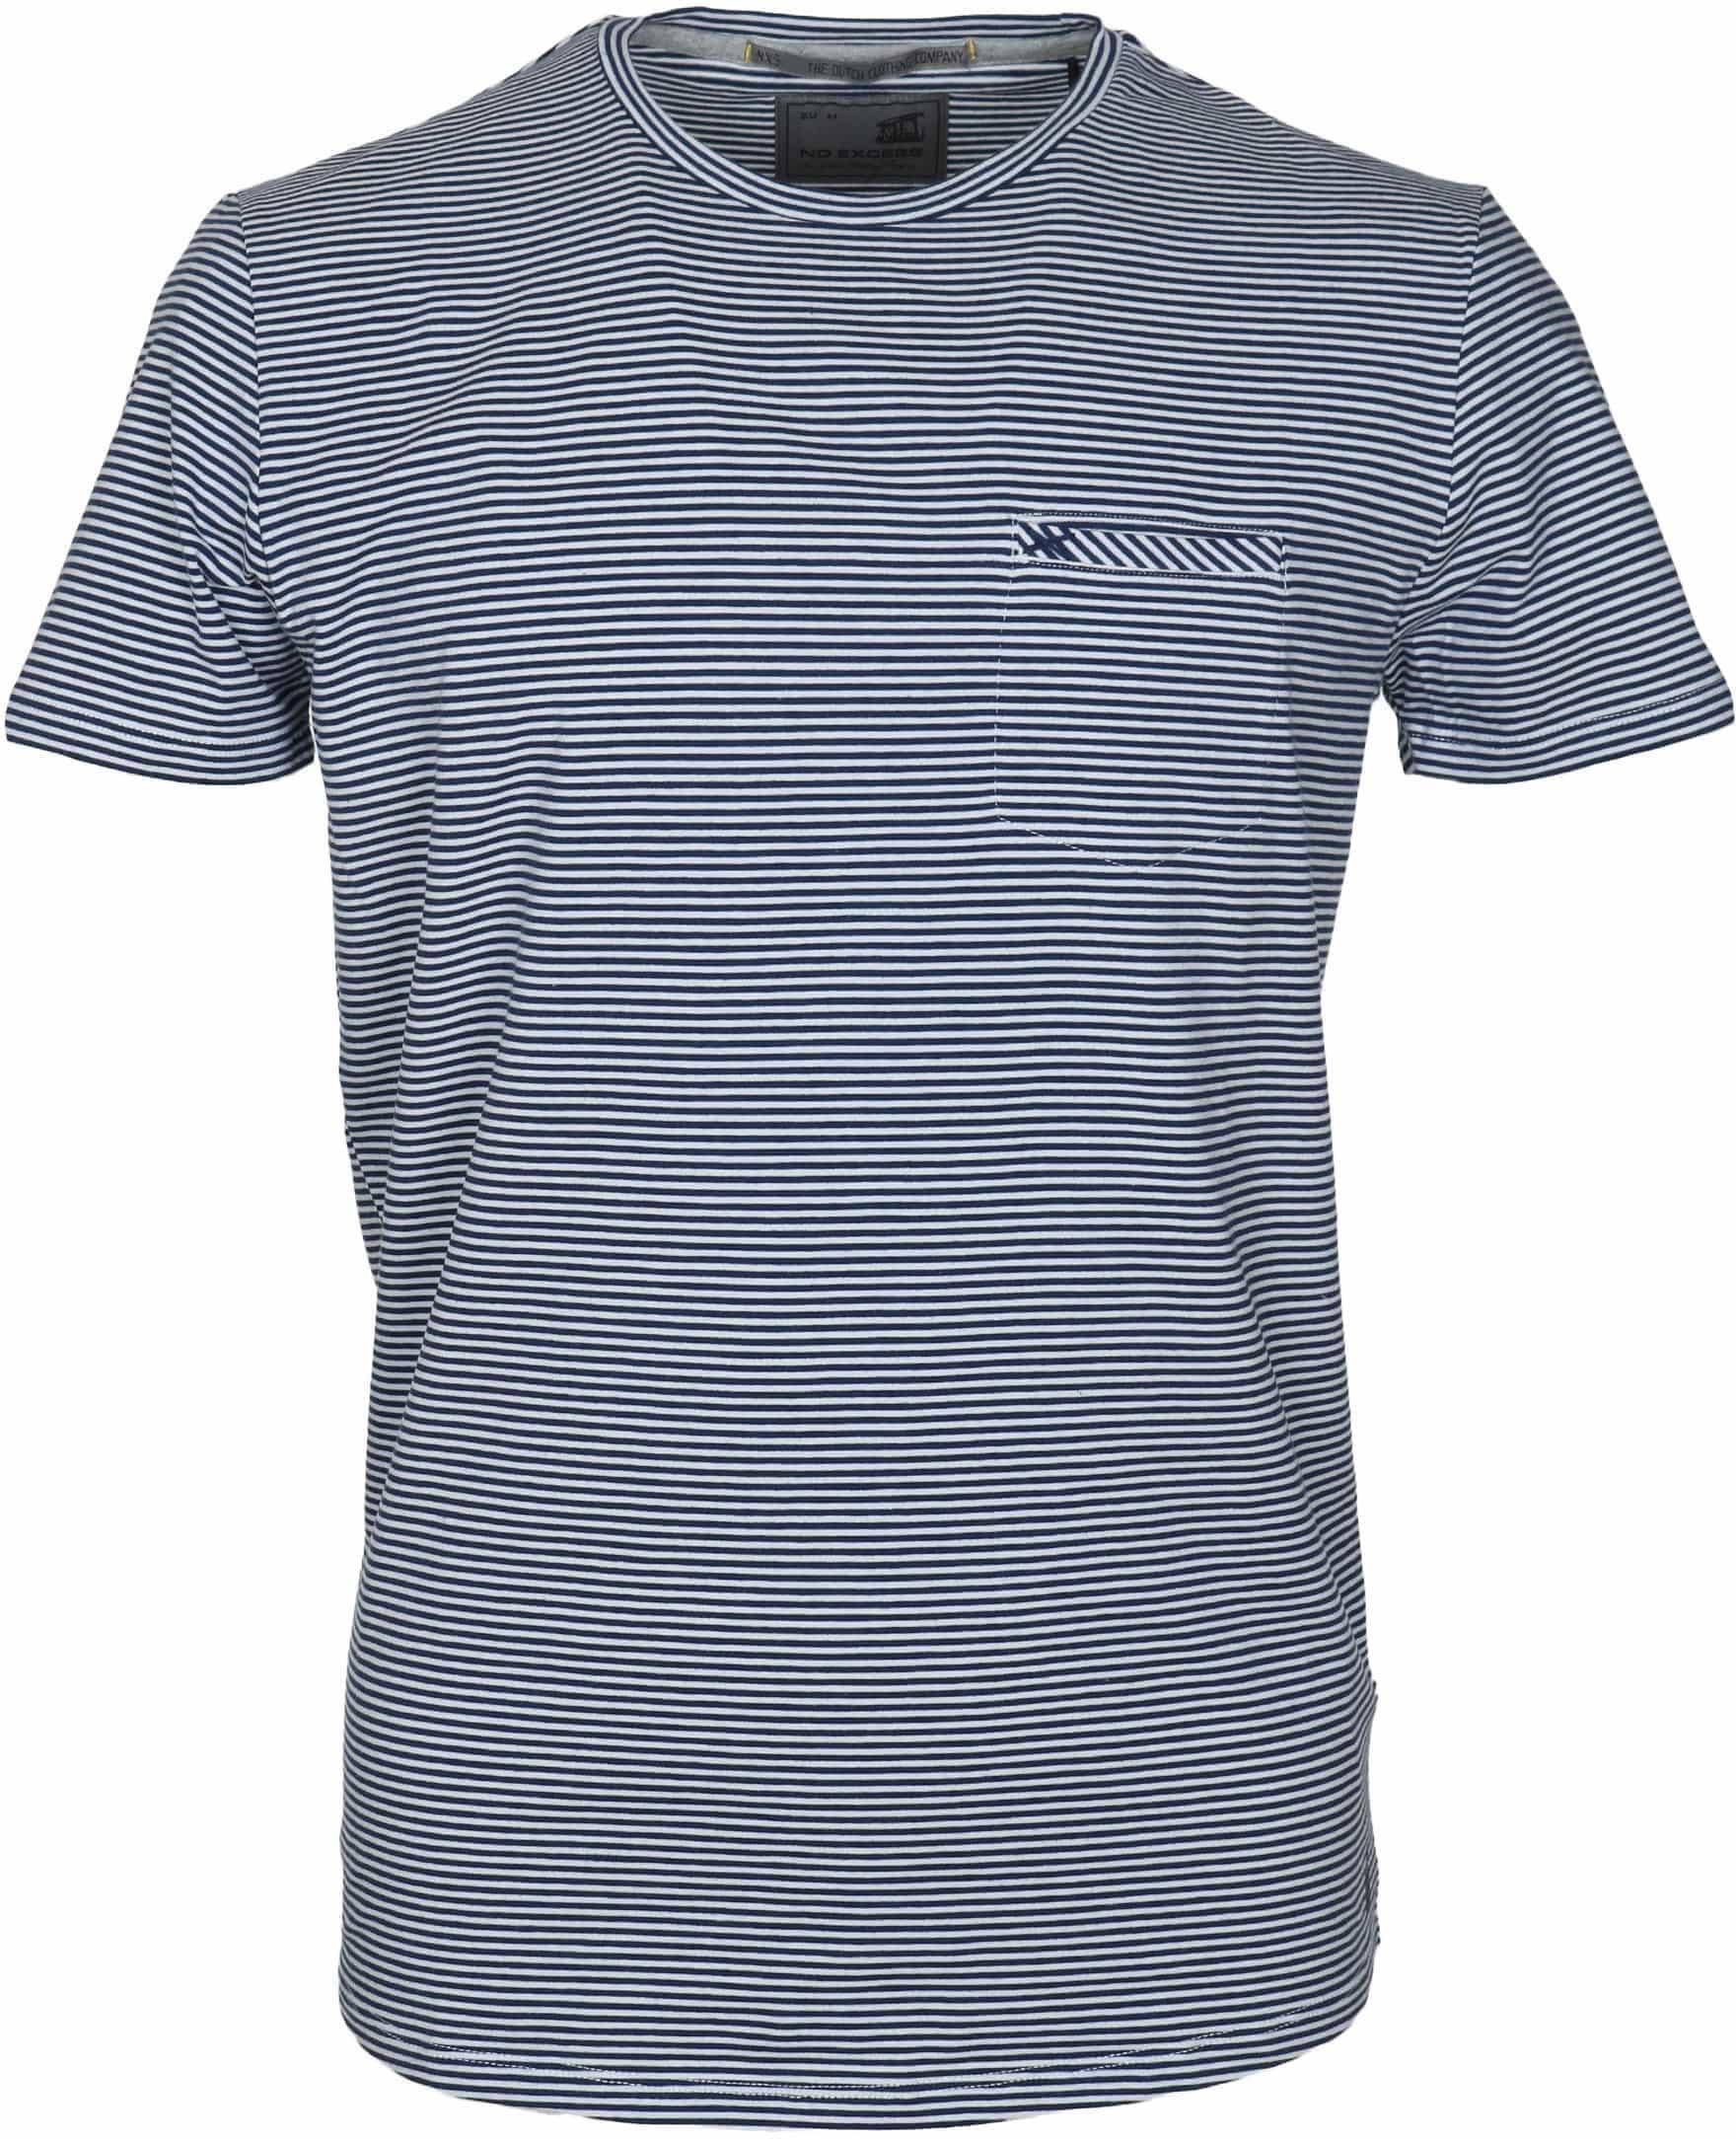 No-Excess T-shirt Dunkelblau Streifen foto 0